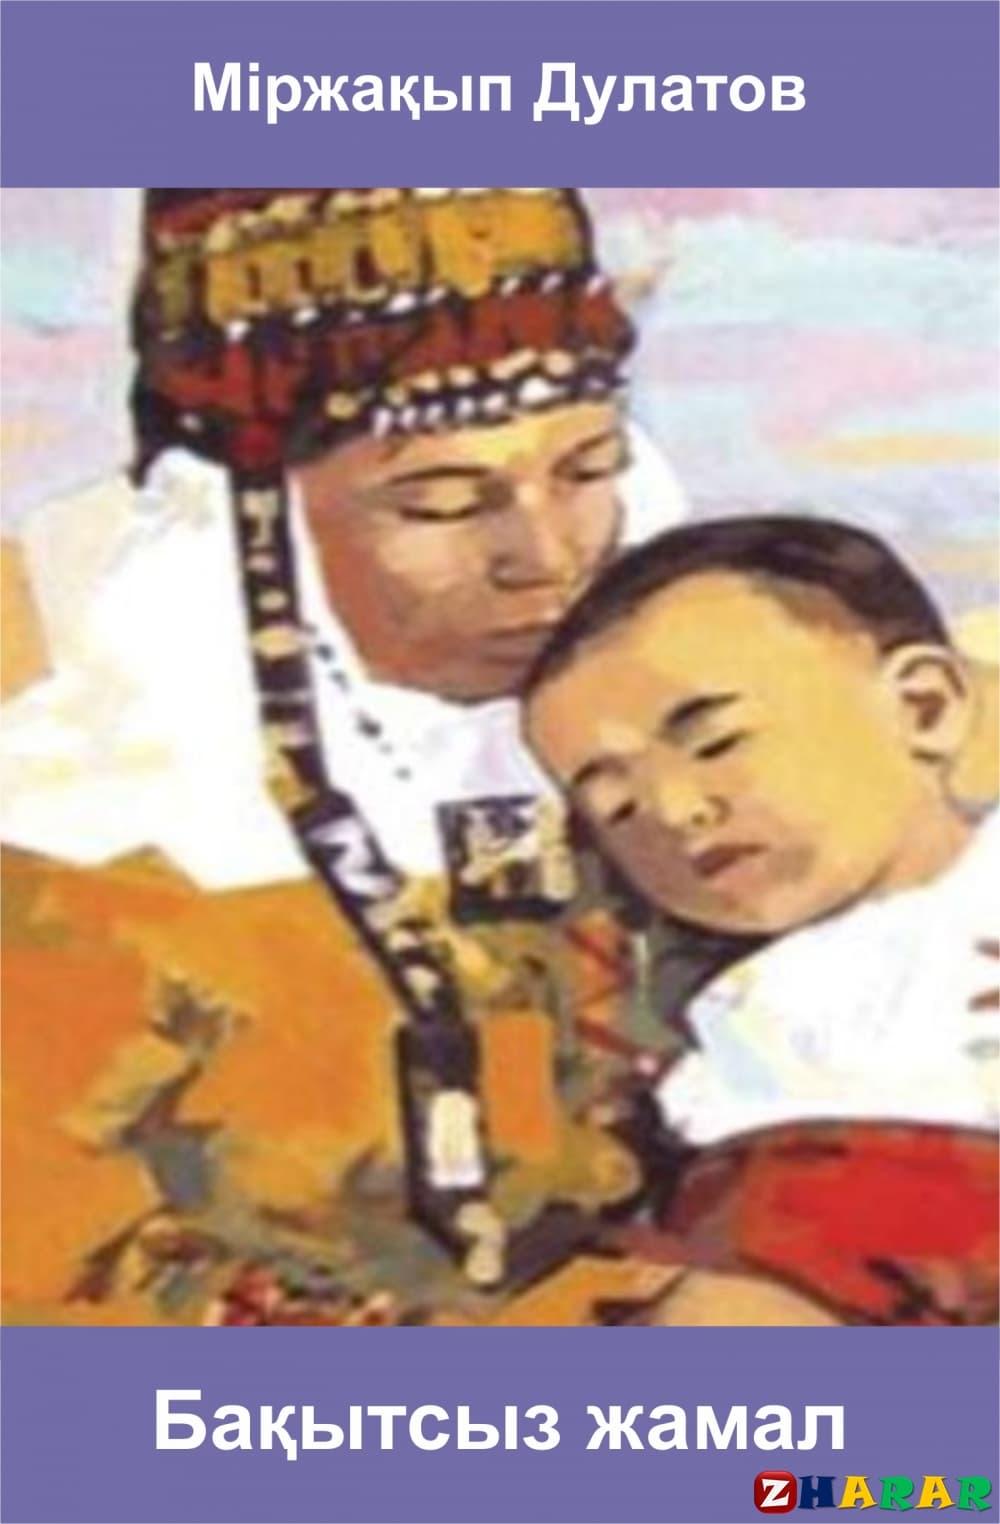 Қазақ әдебиетінен сабақ жоспары: Дулатов «Бақытсыз Жамал» романы 2-сабақ (8 сынып, III тоқсан )